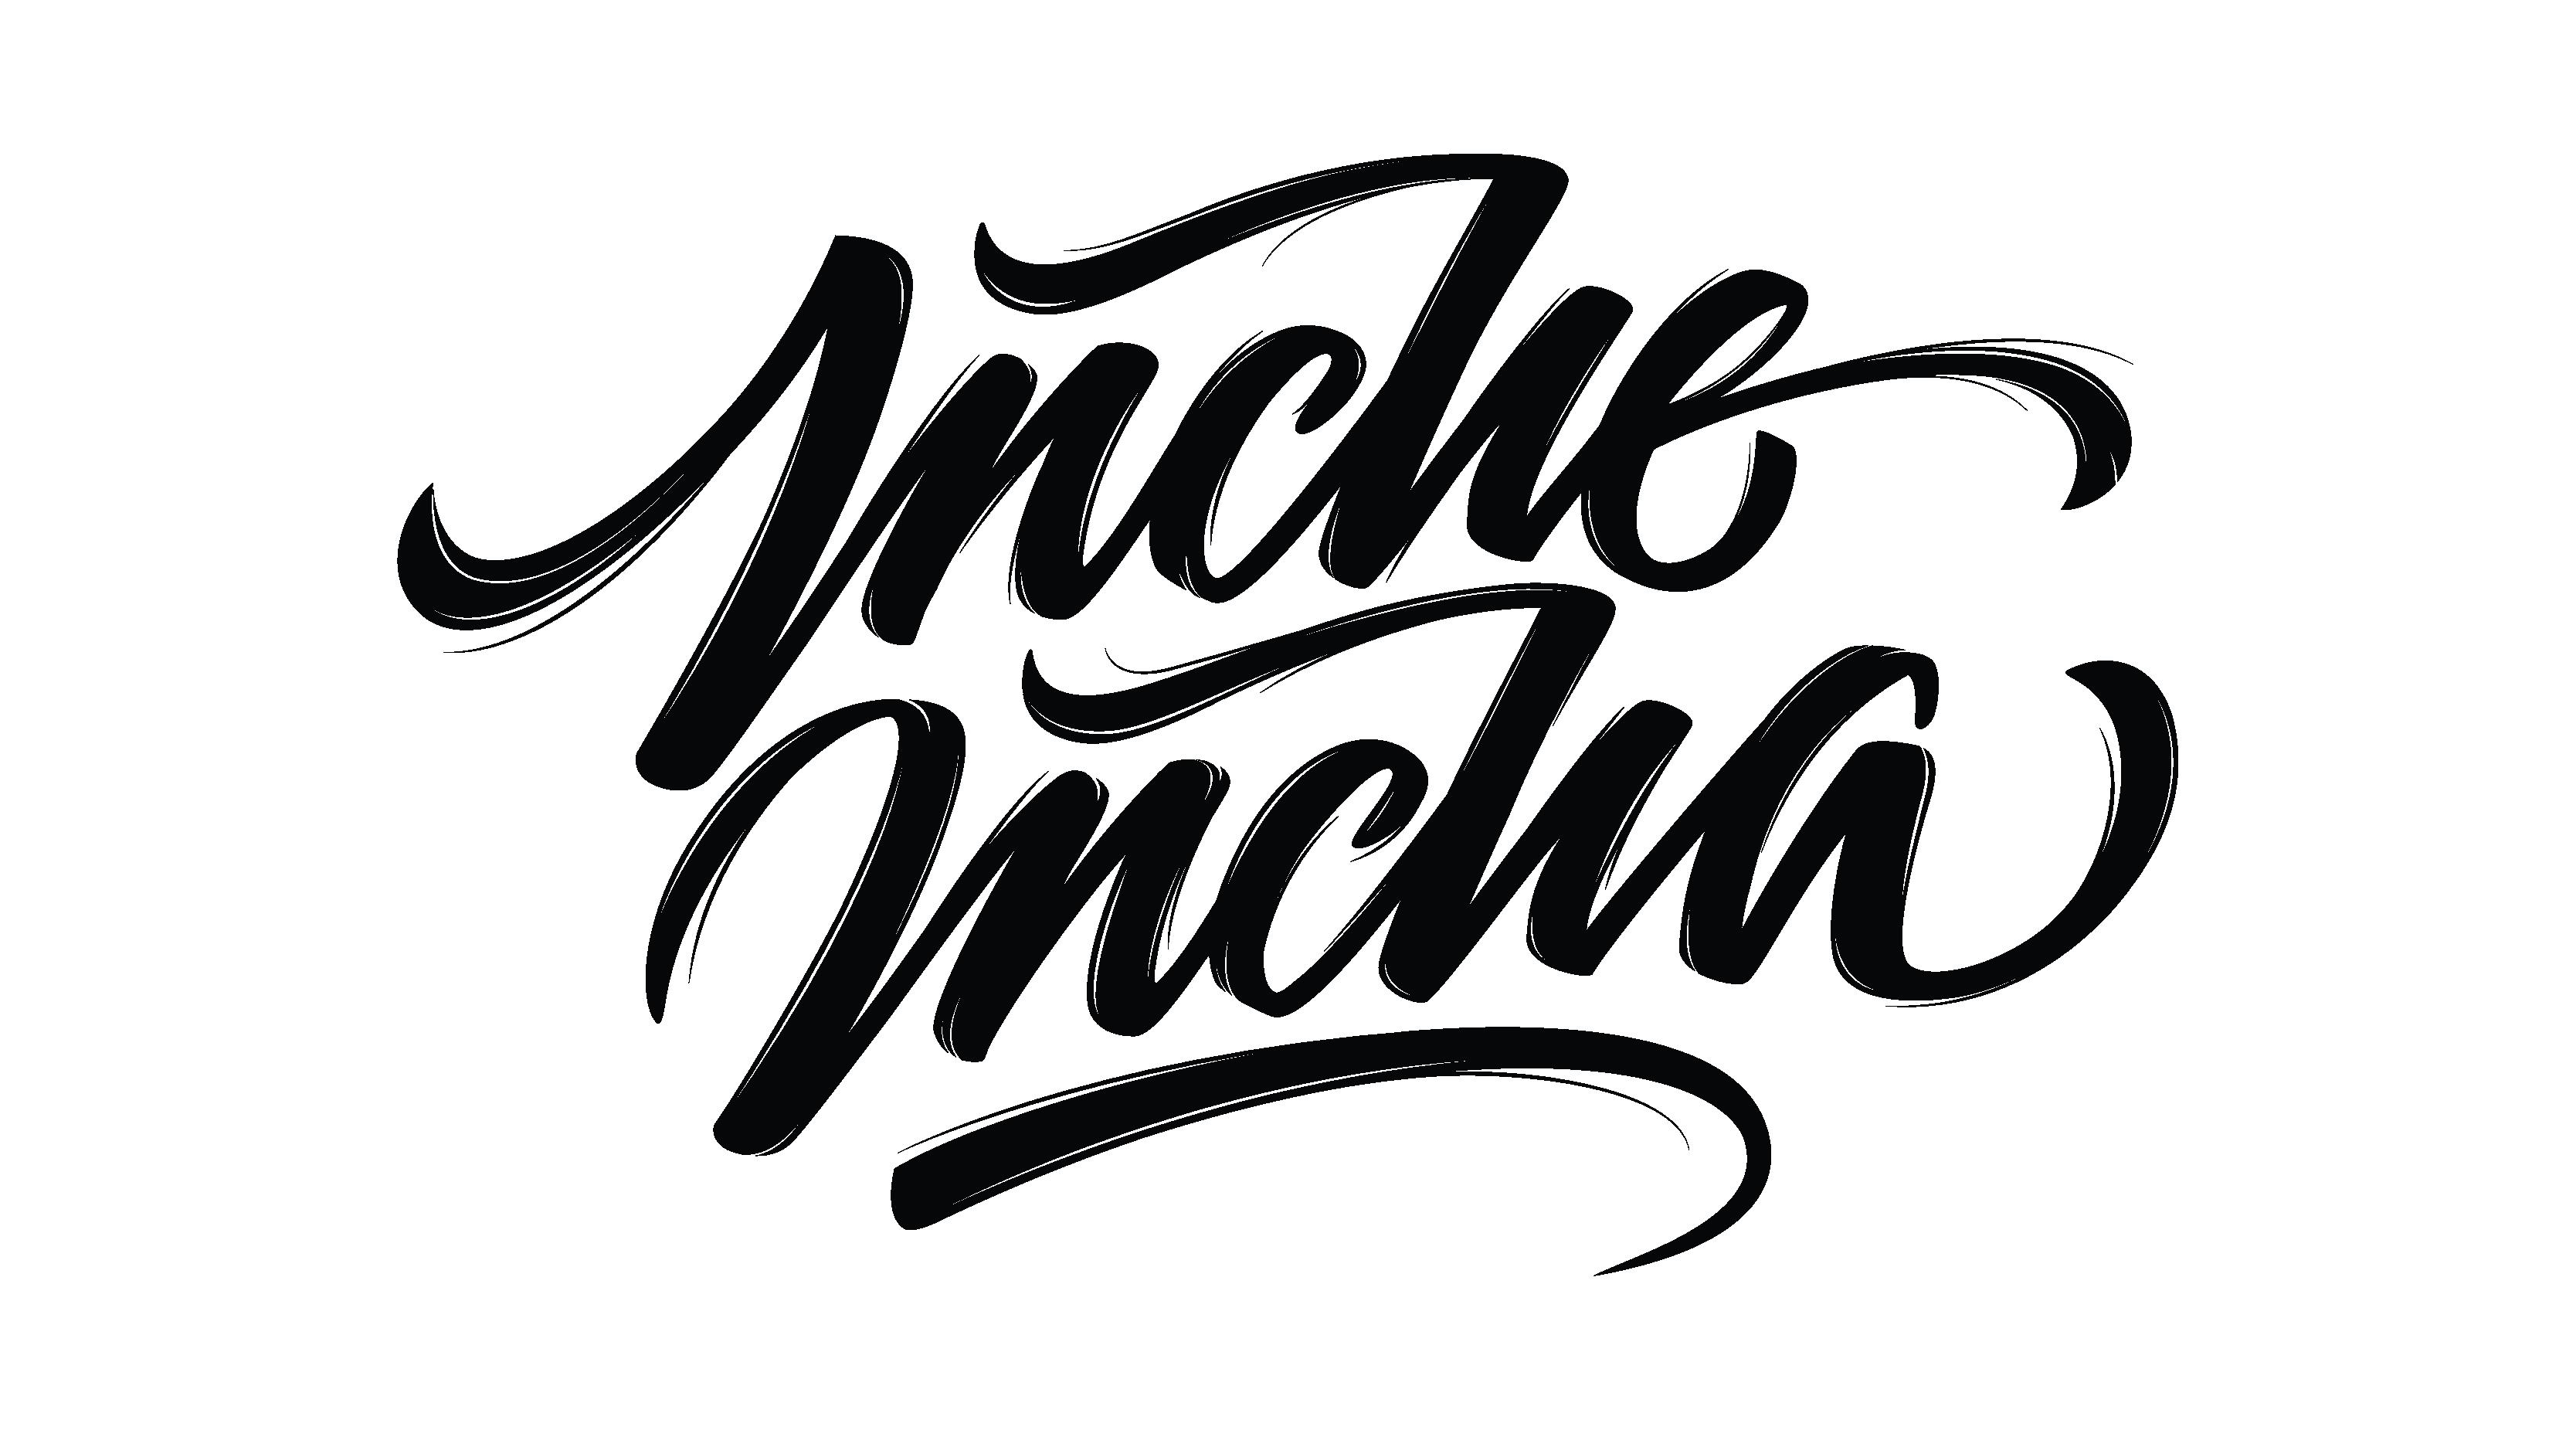 Inche Incha